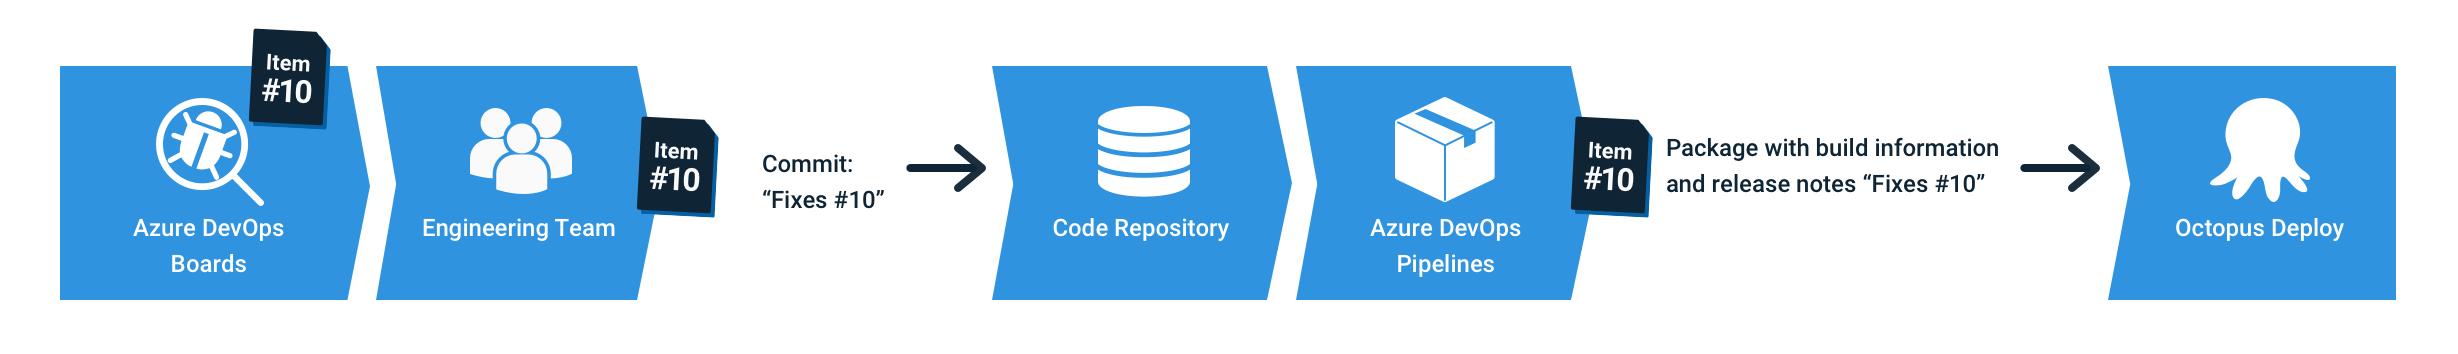 Octopus Azure DevOps integration - how it works diagram